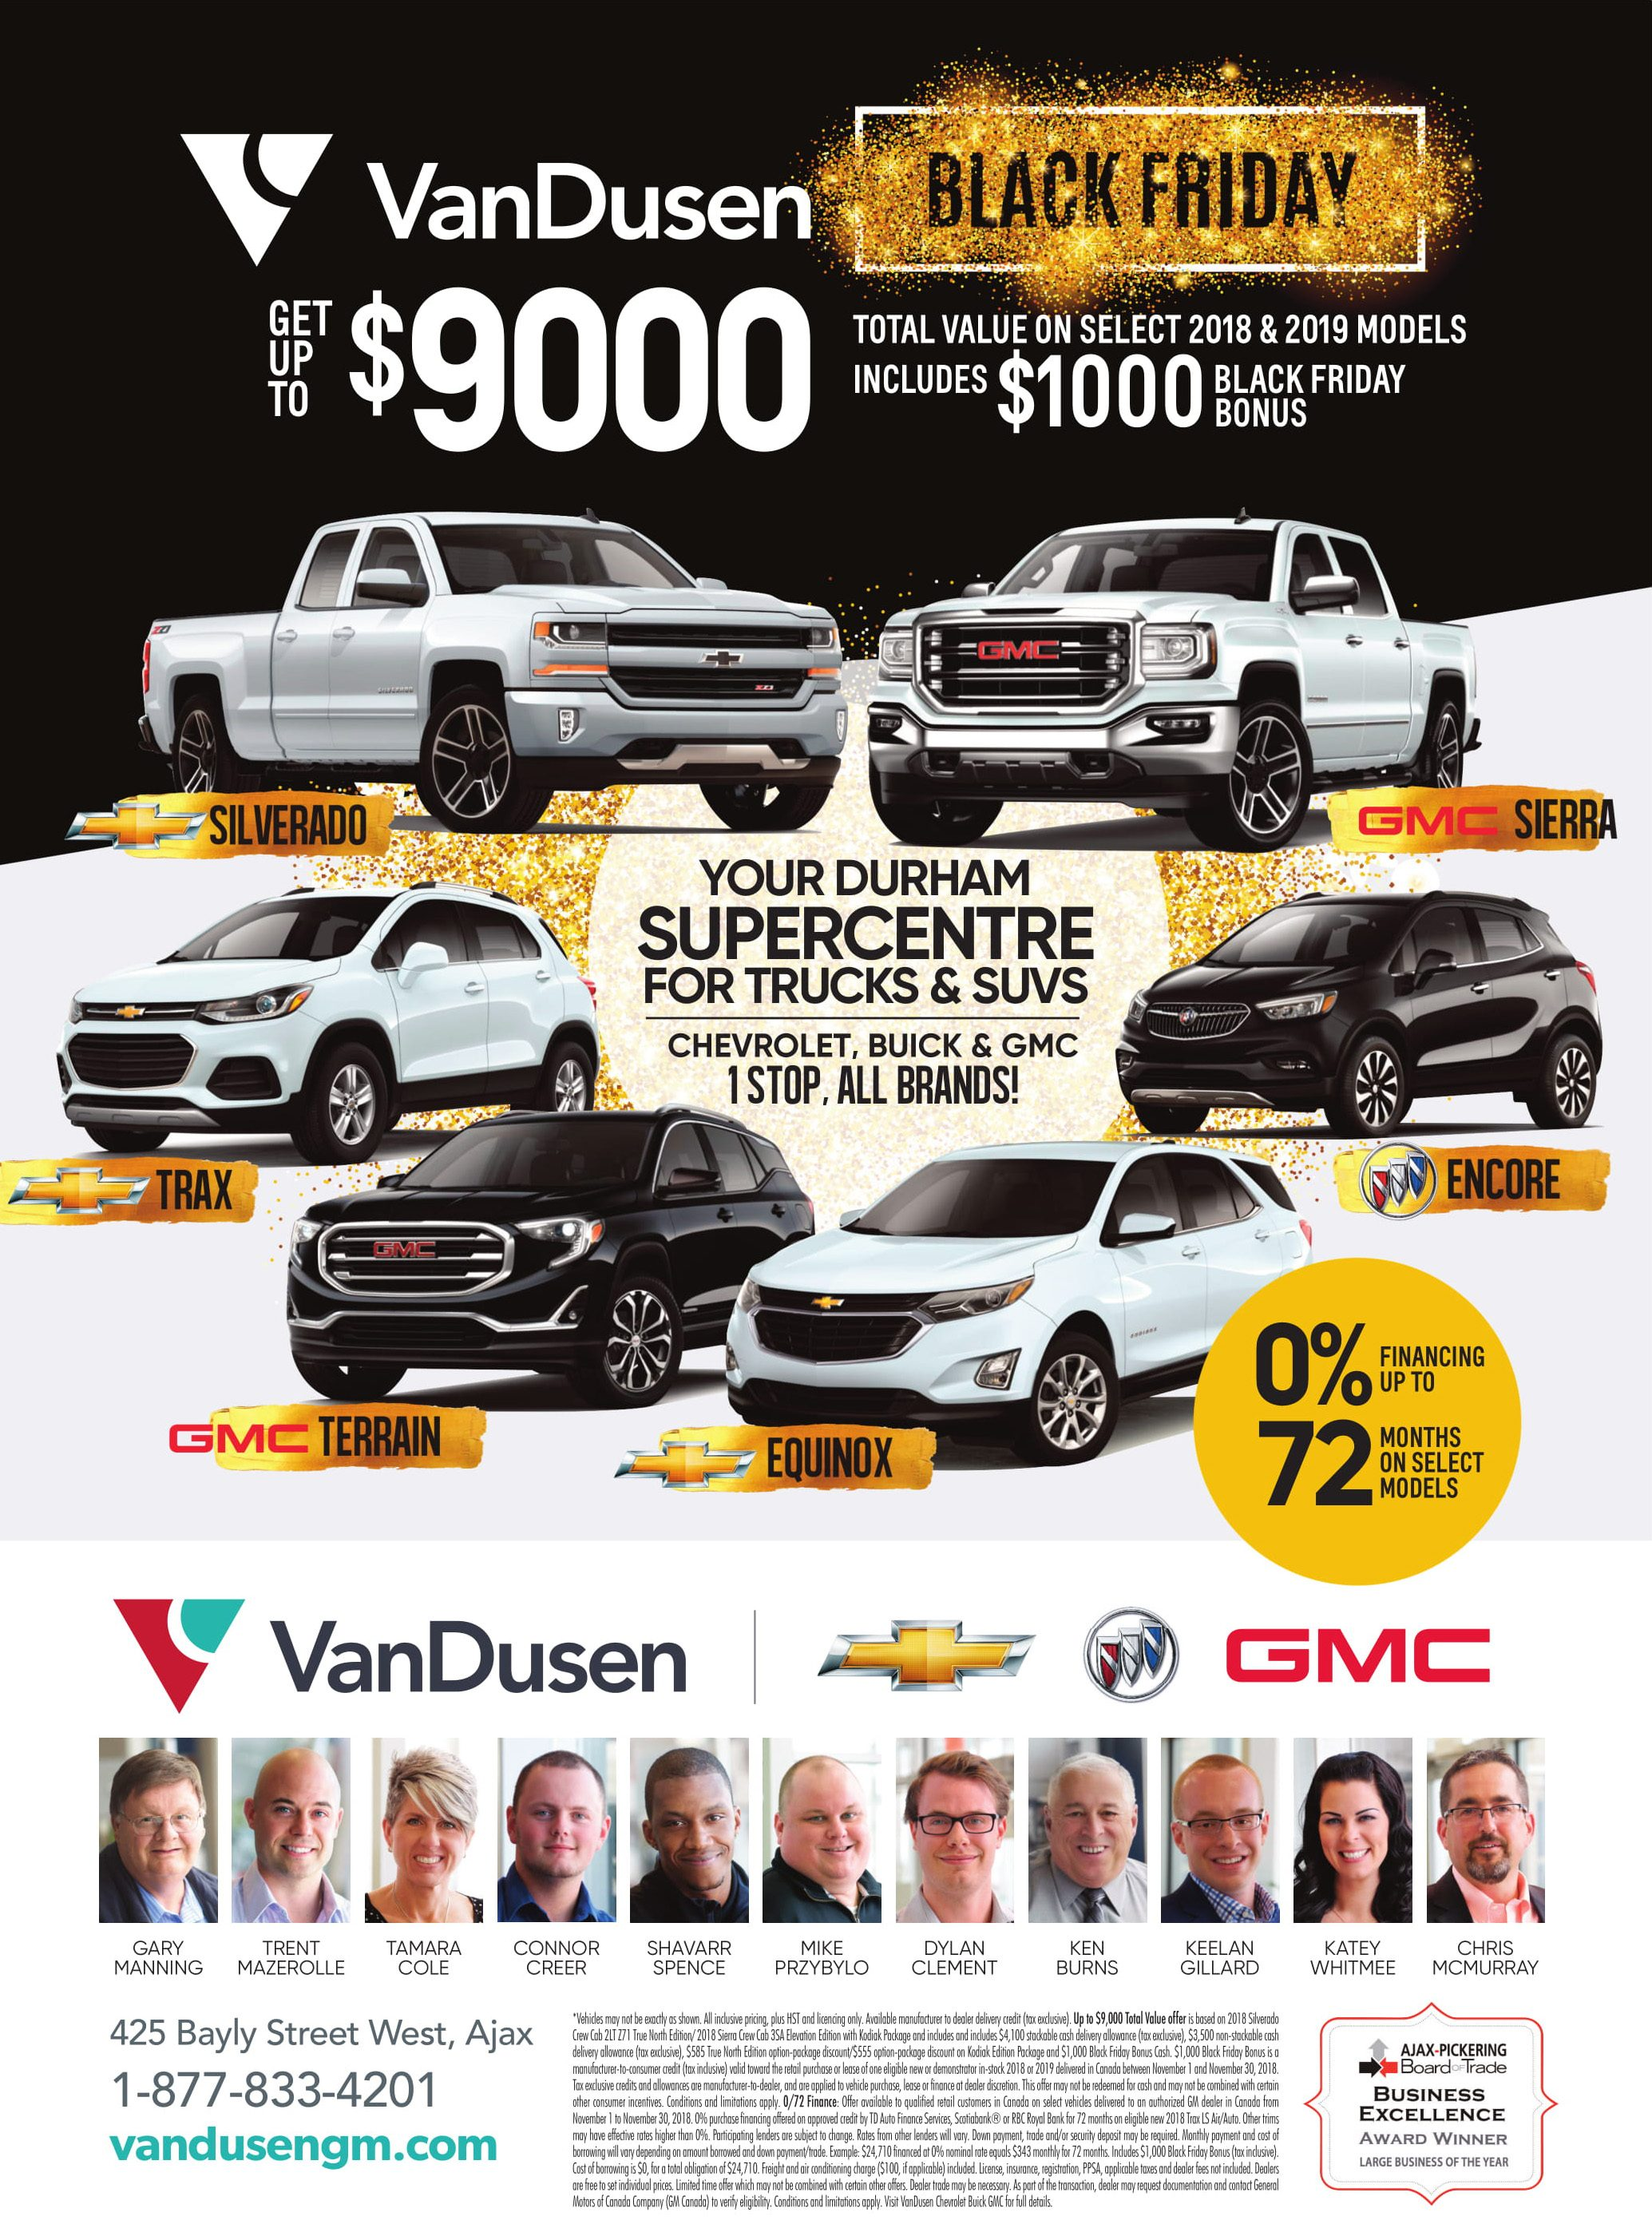 Black Friday Specials November Chevrolet Buick GMC Ajax Pickering Whitby Oshawa VanDusen Ontario